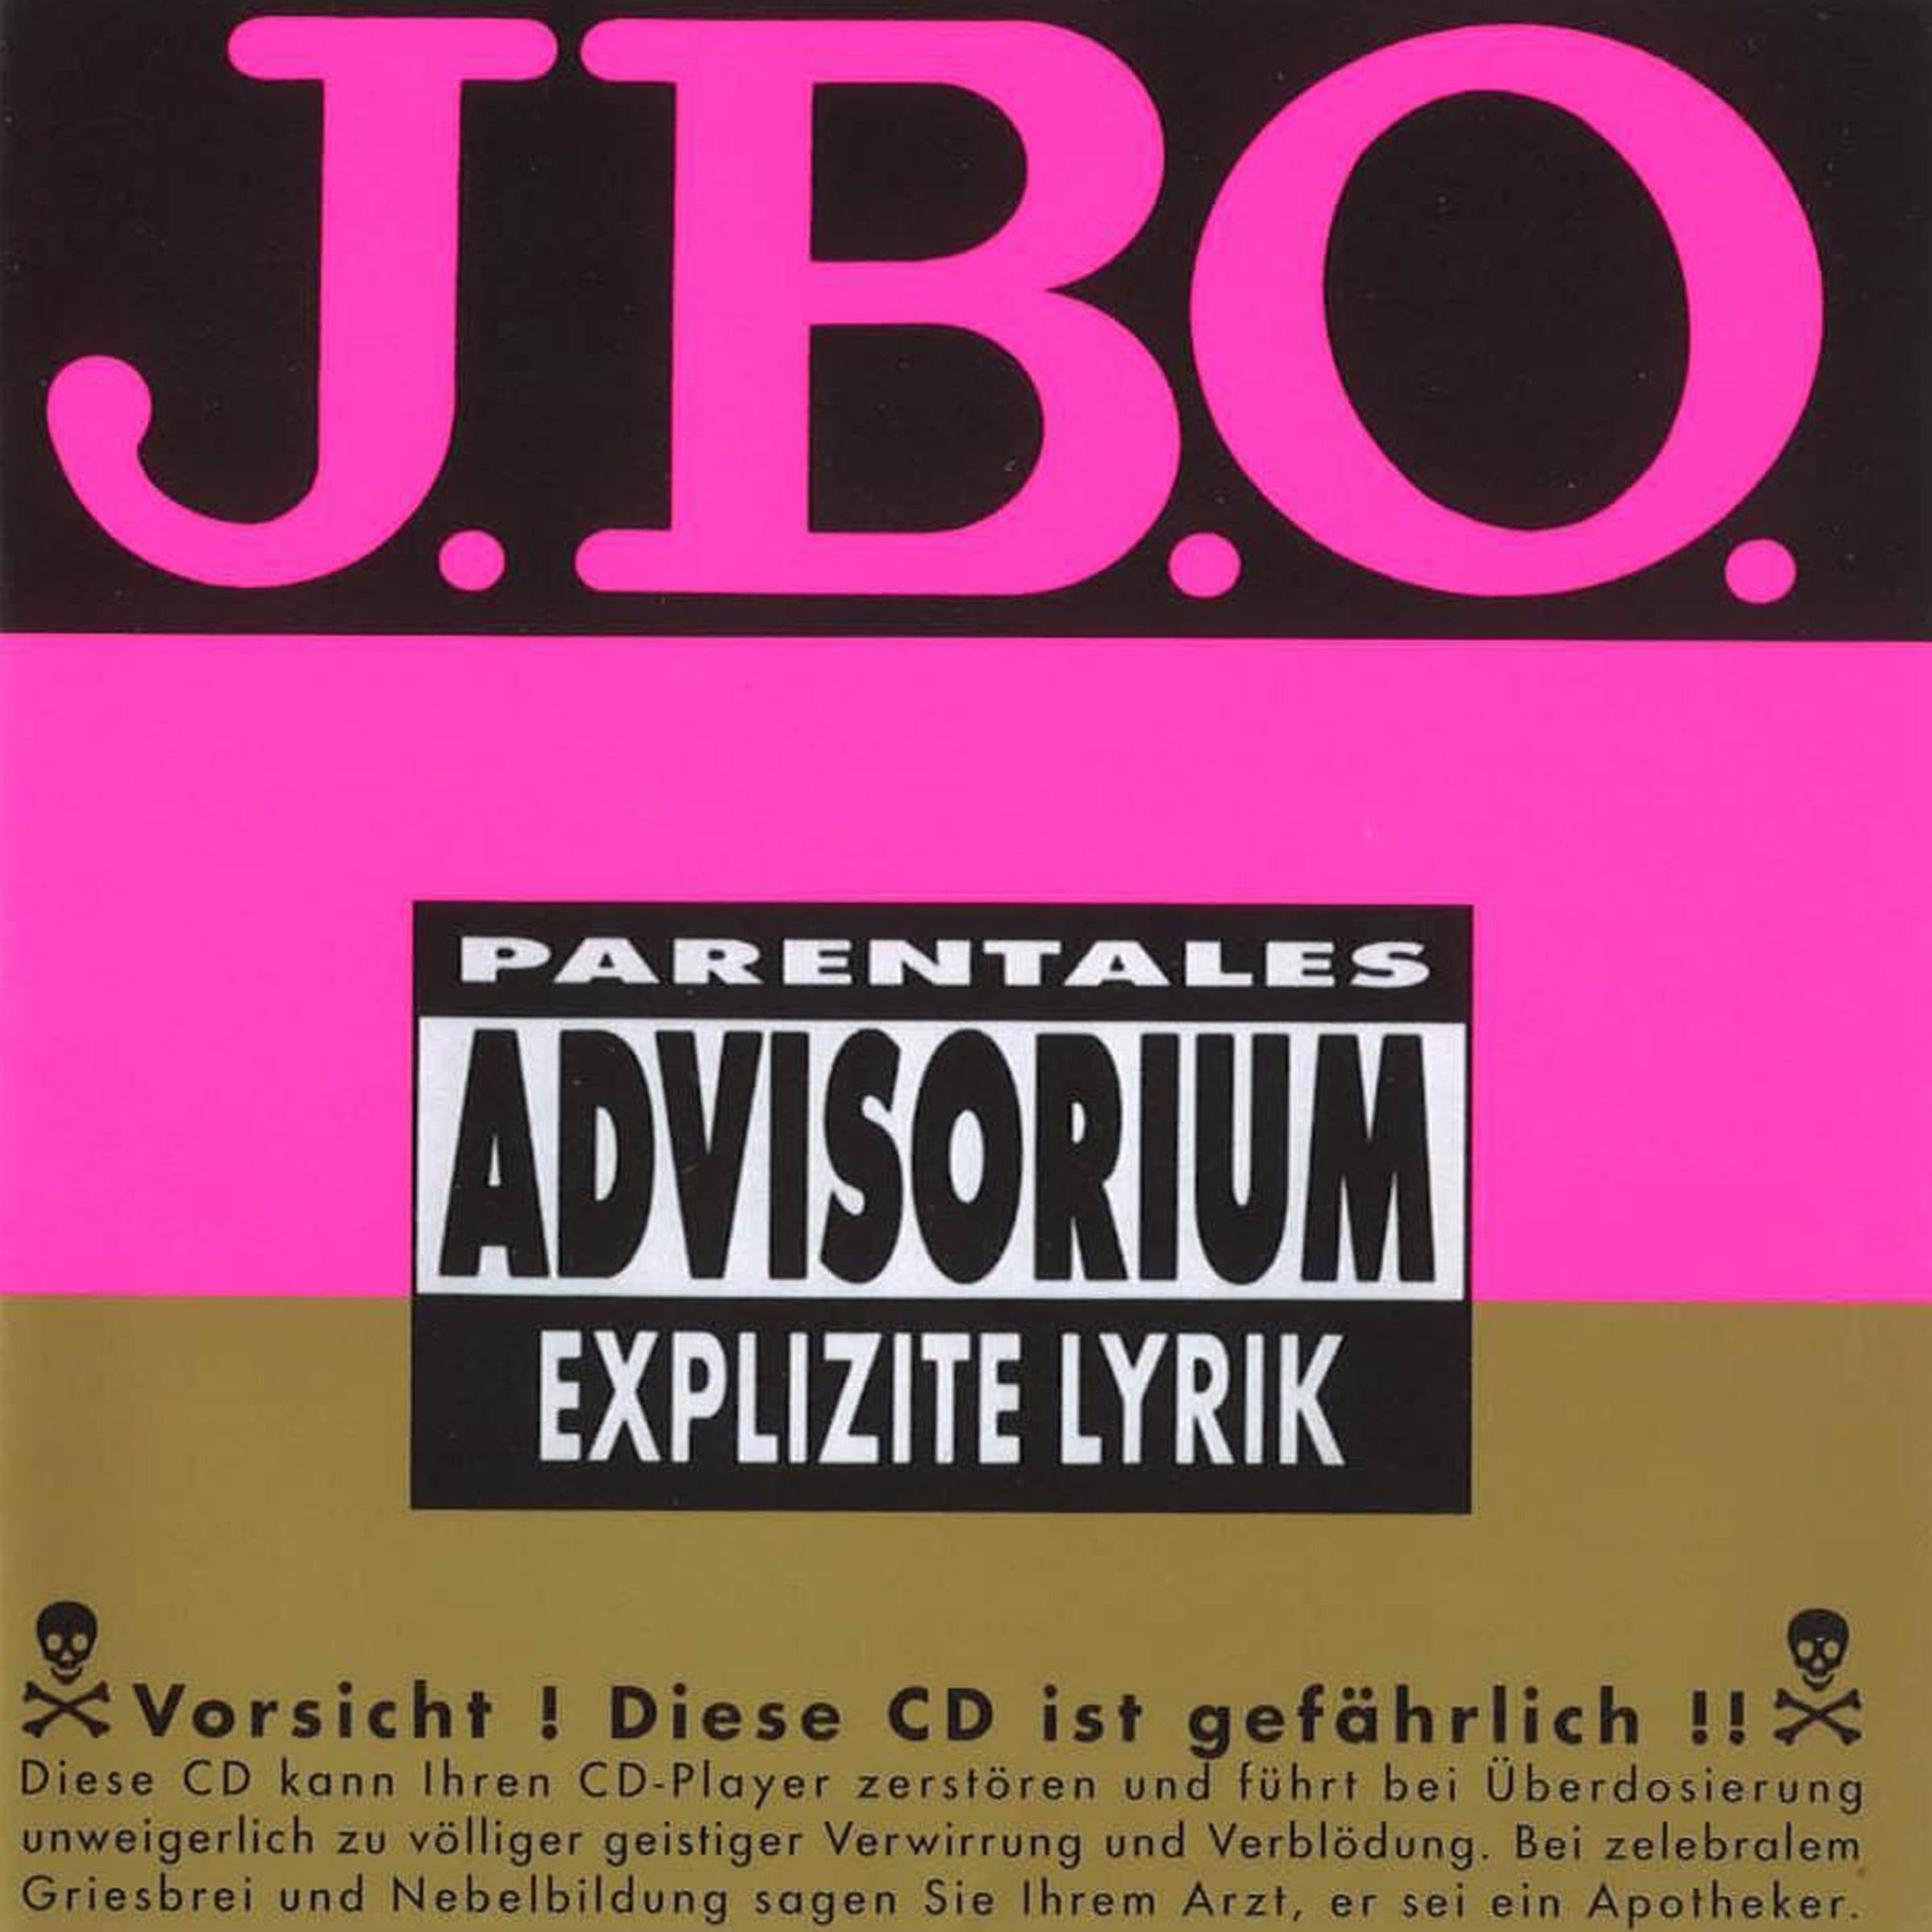 Das Cover im Original, mit dem Warnhinweis…